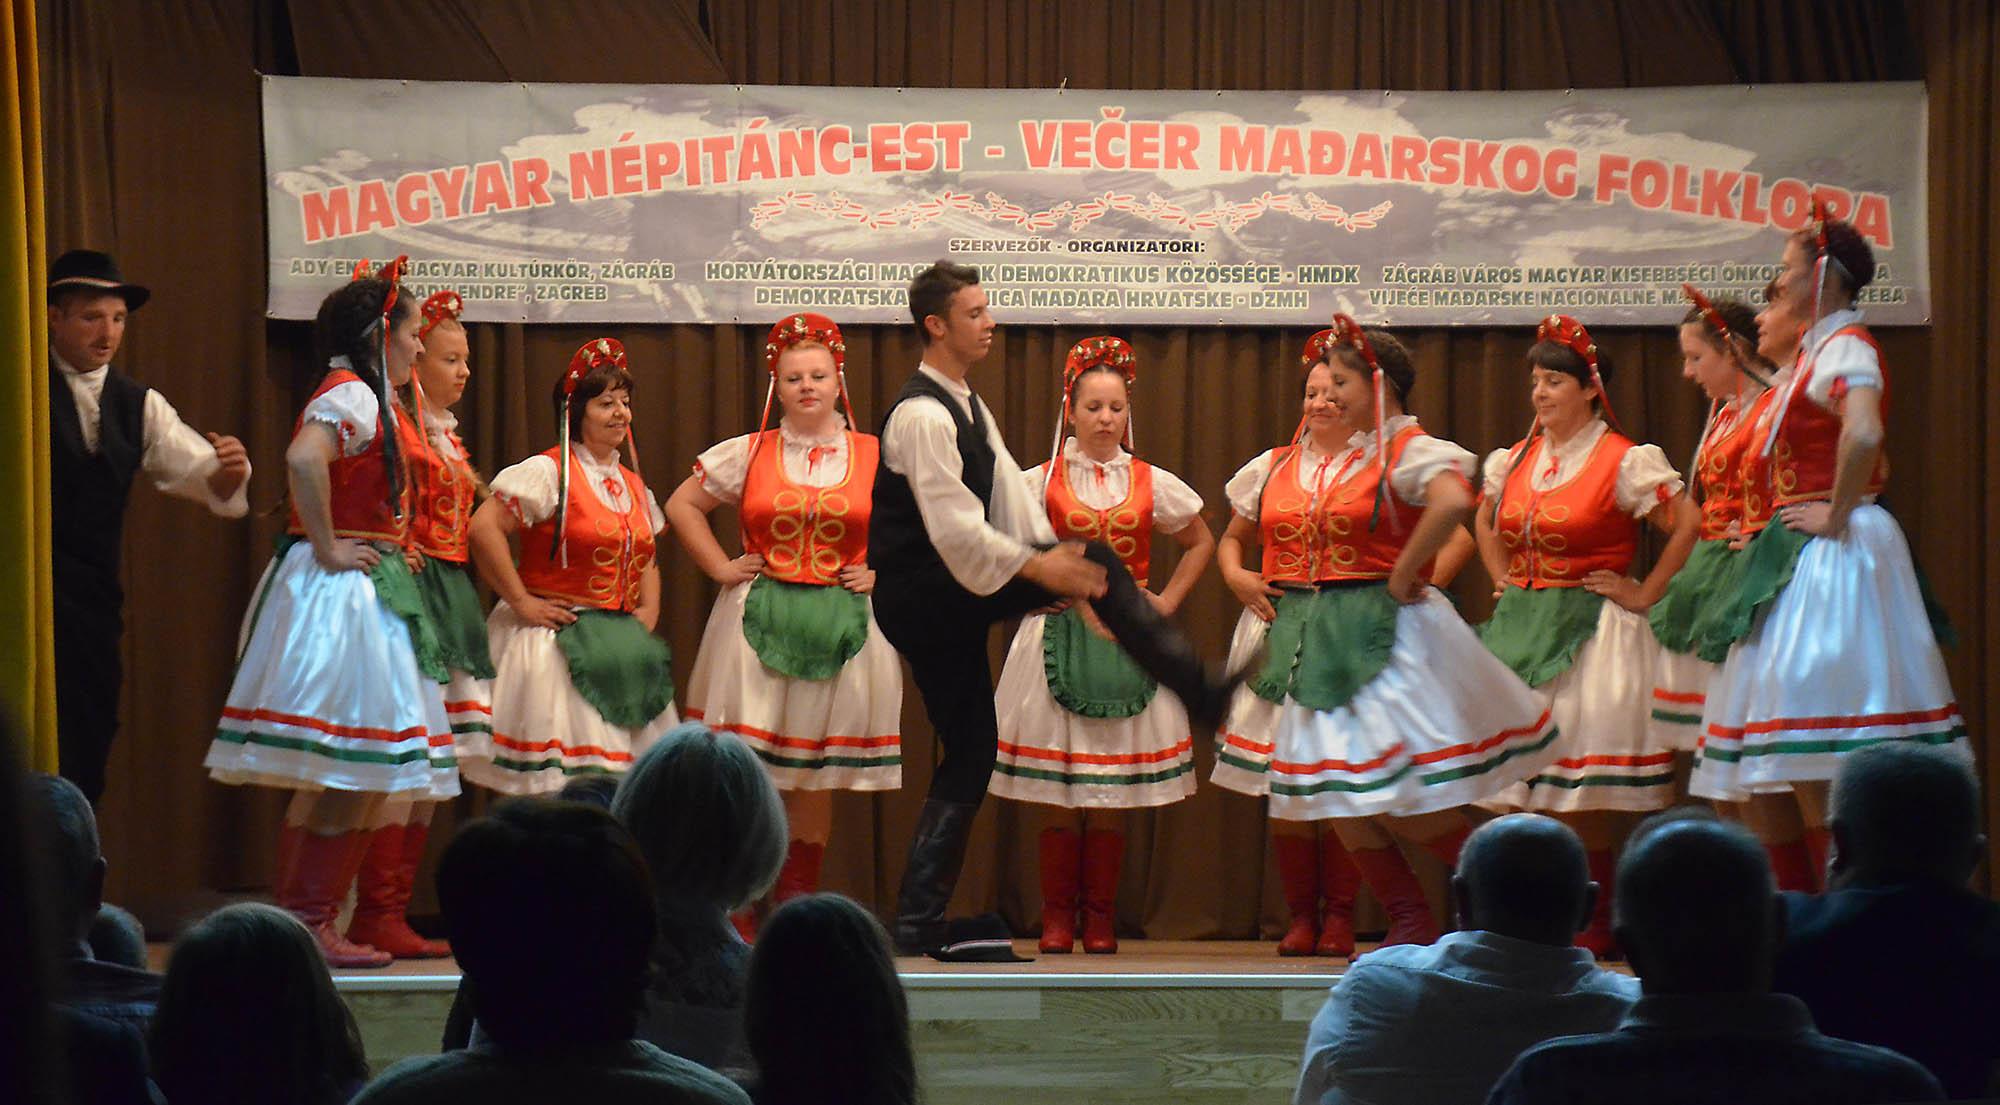 Vecer Madjarskkog Folklora (12)